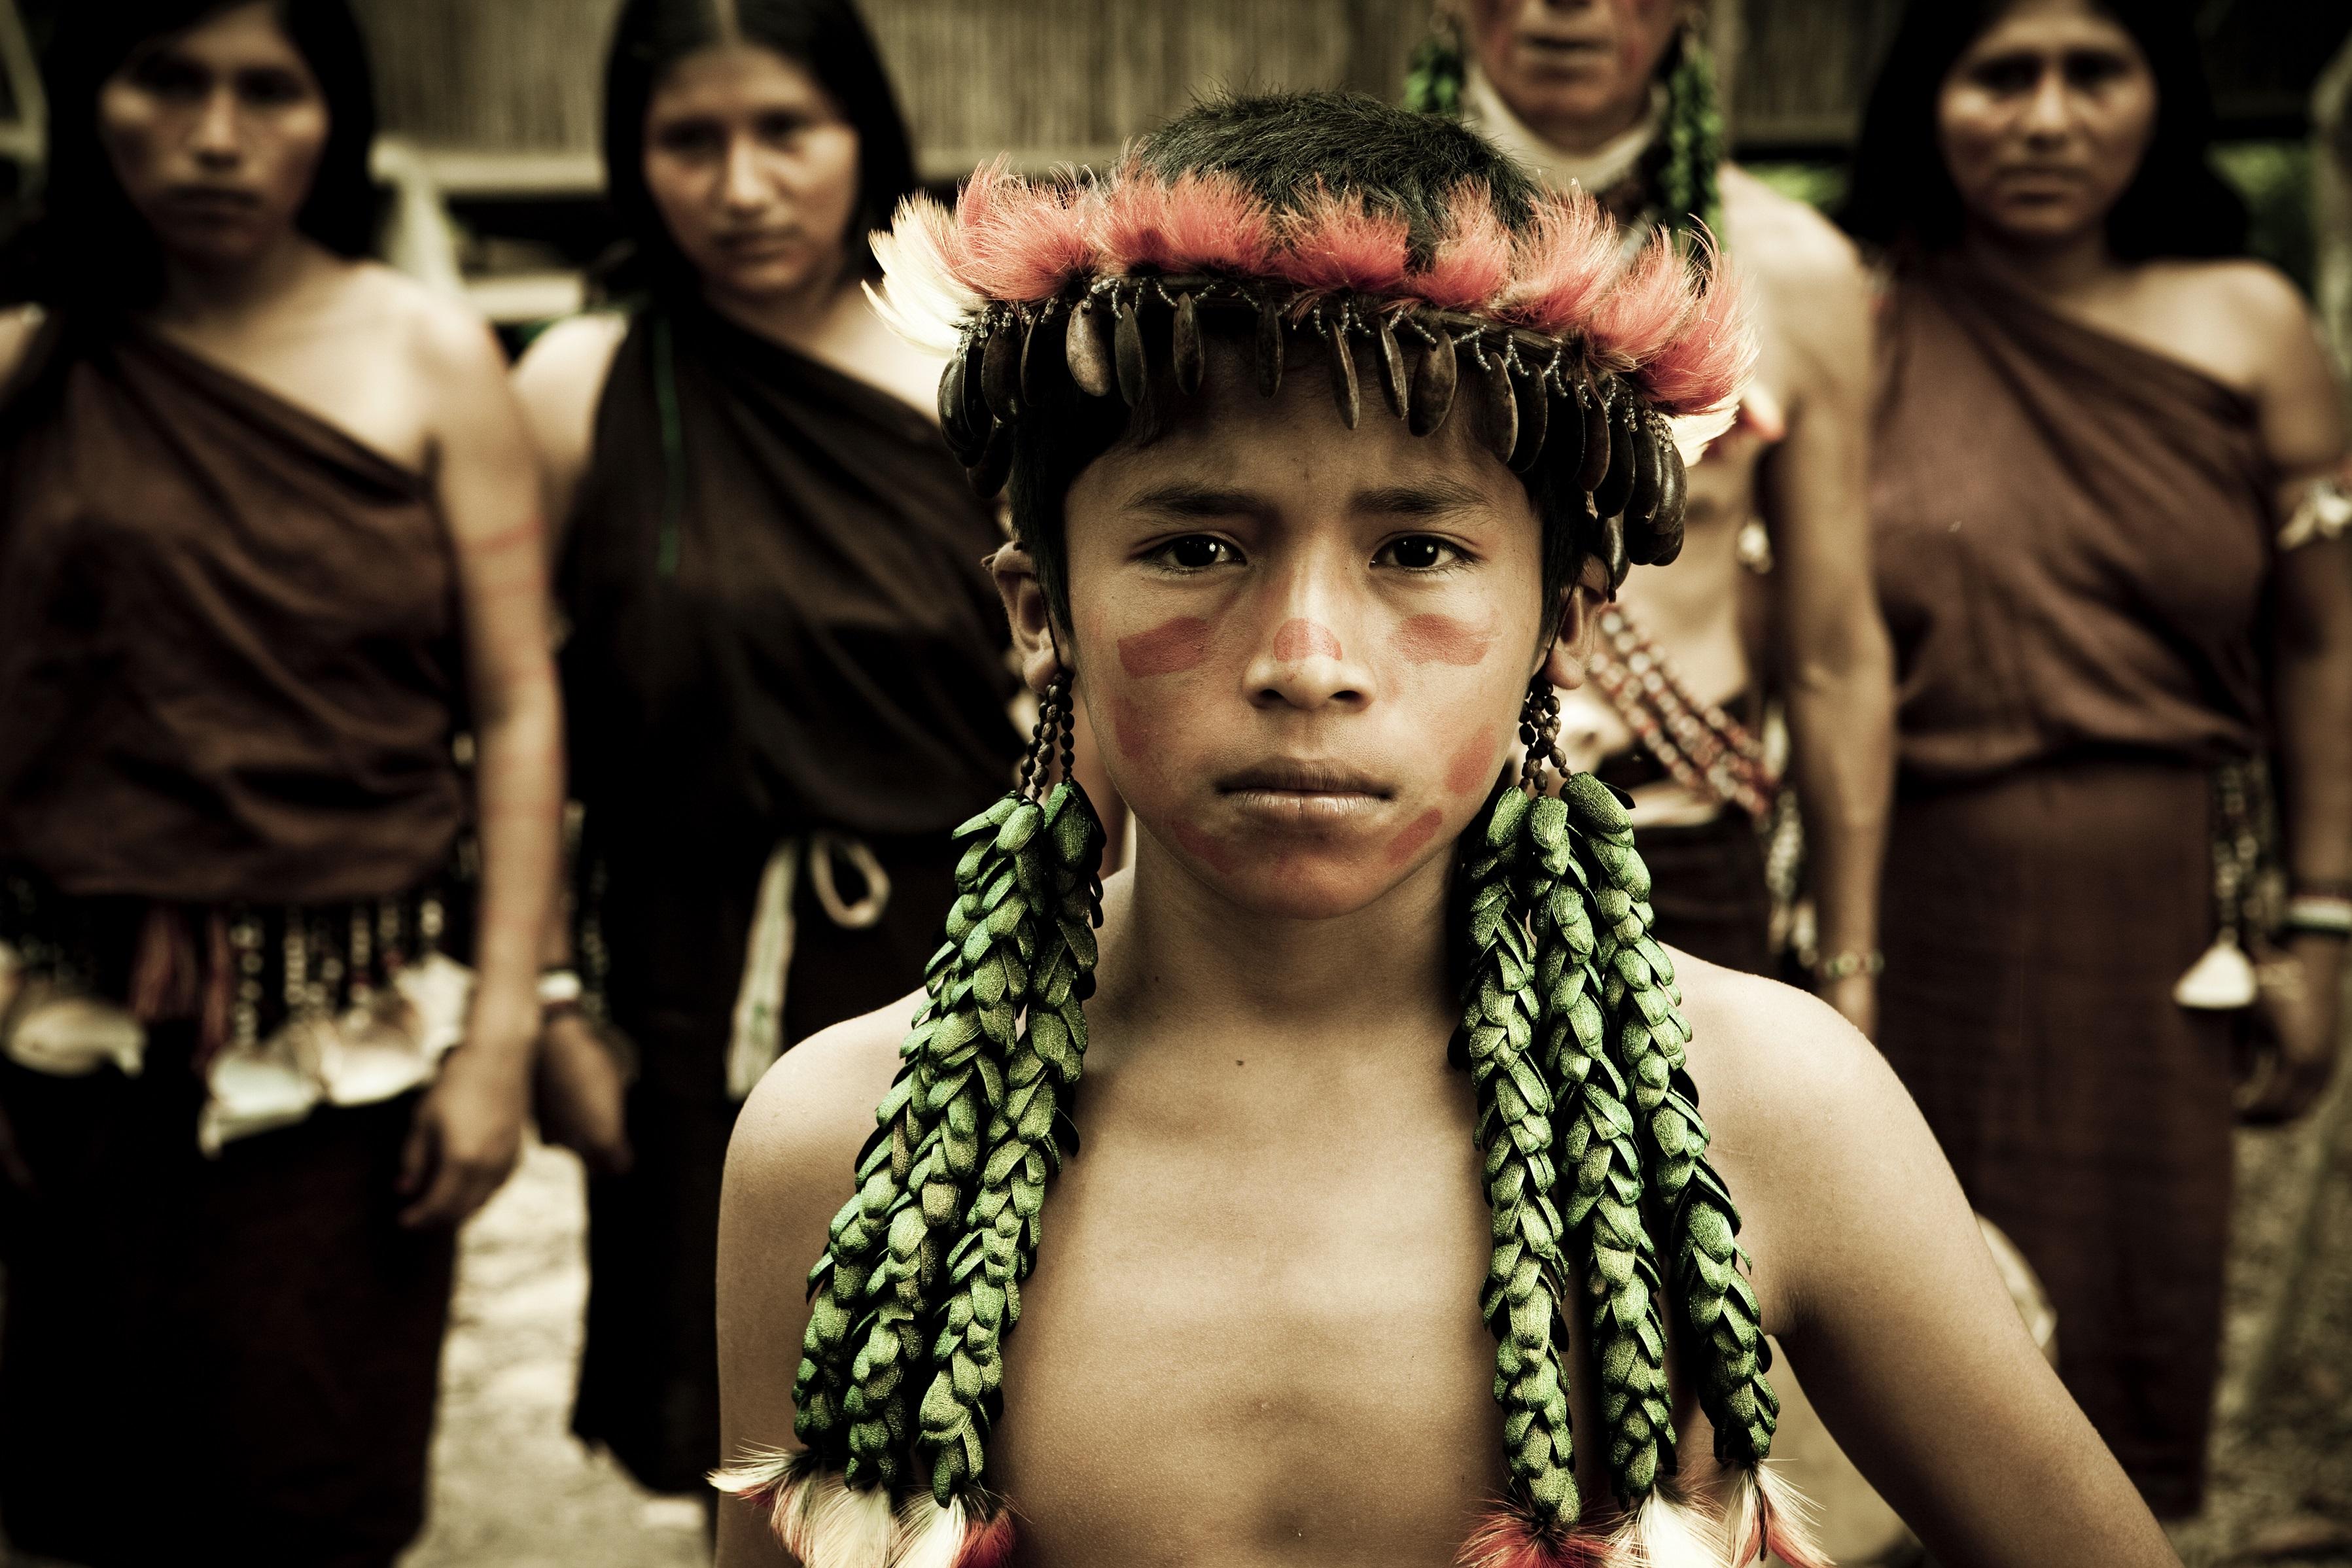 Awajun jongen met oorsieraden van kevervleugels en toekanveren, Peru, 2010. Foto met dank aan Museum Volkenkunde, Gabriela Medina©